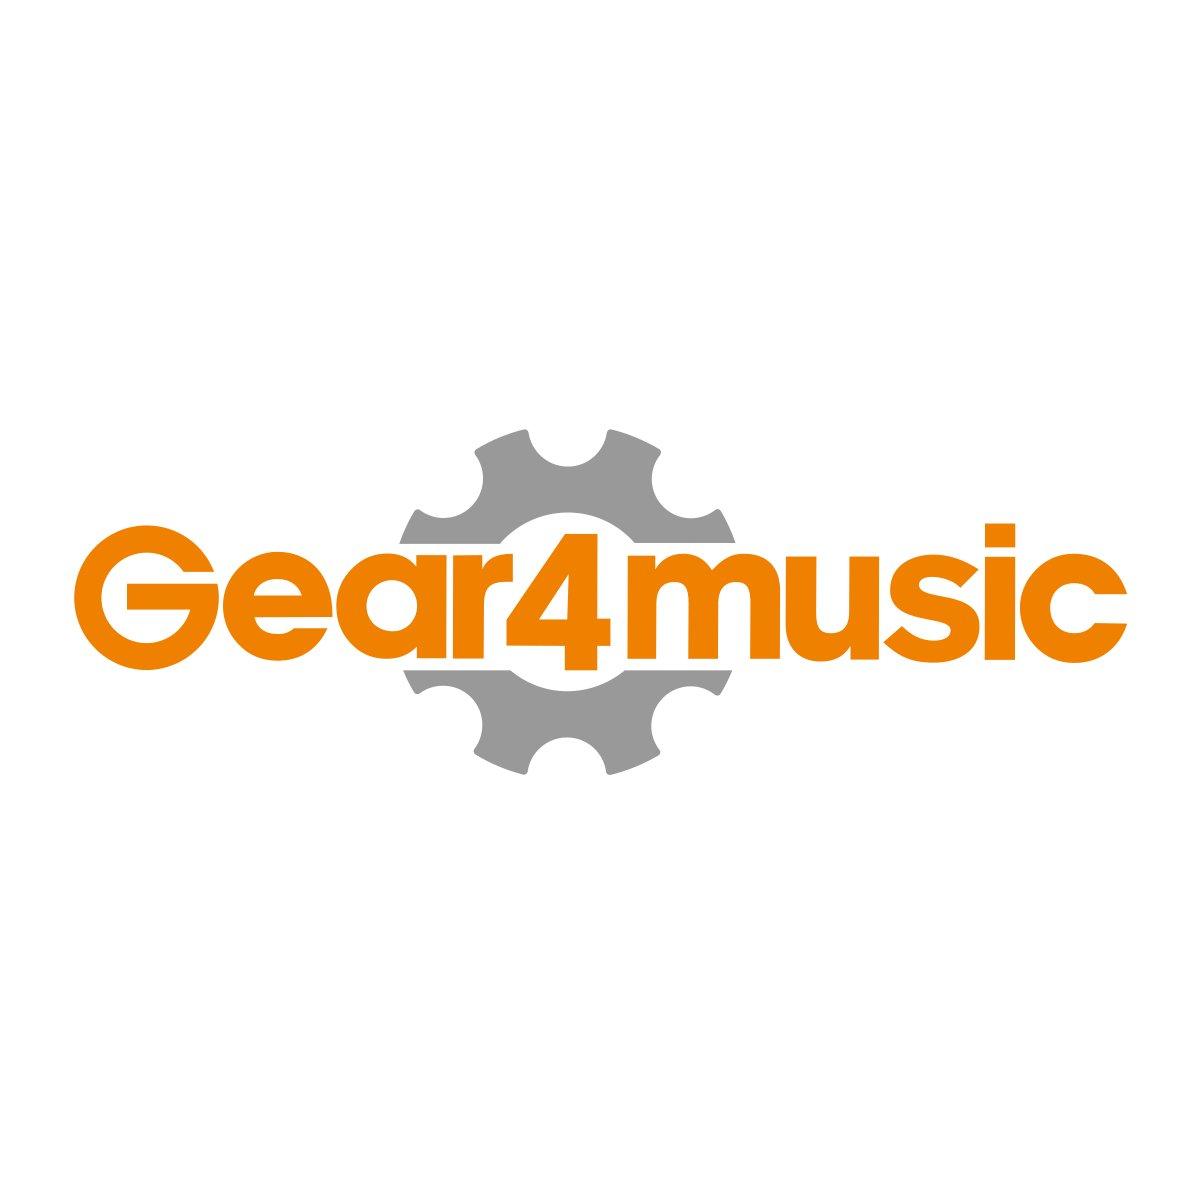 BDK-1 Full Size Starter Drum Kit by Gear4music, Blue